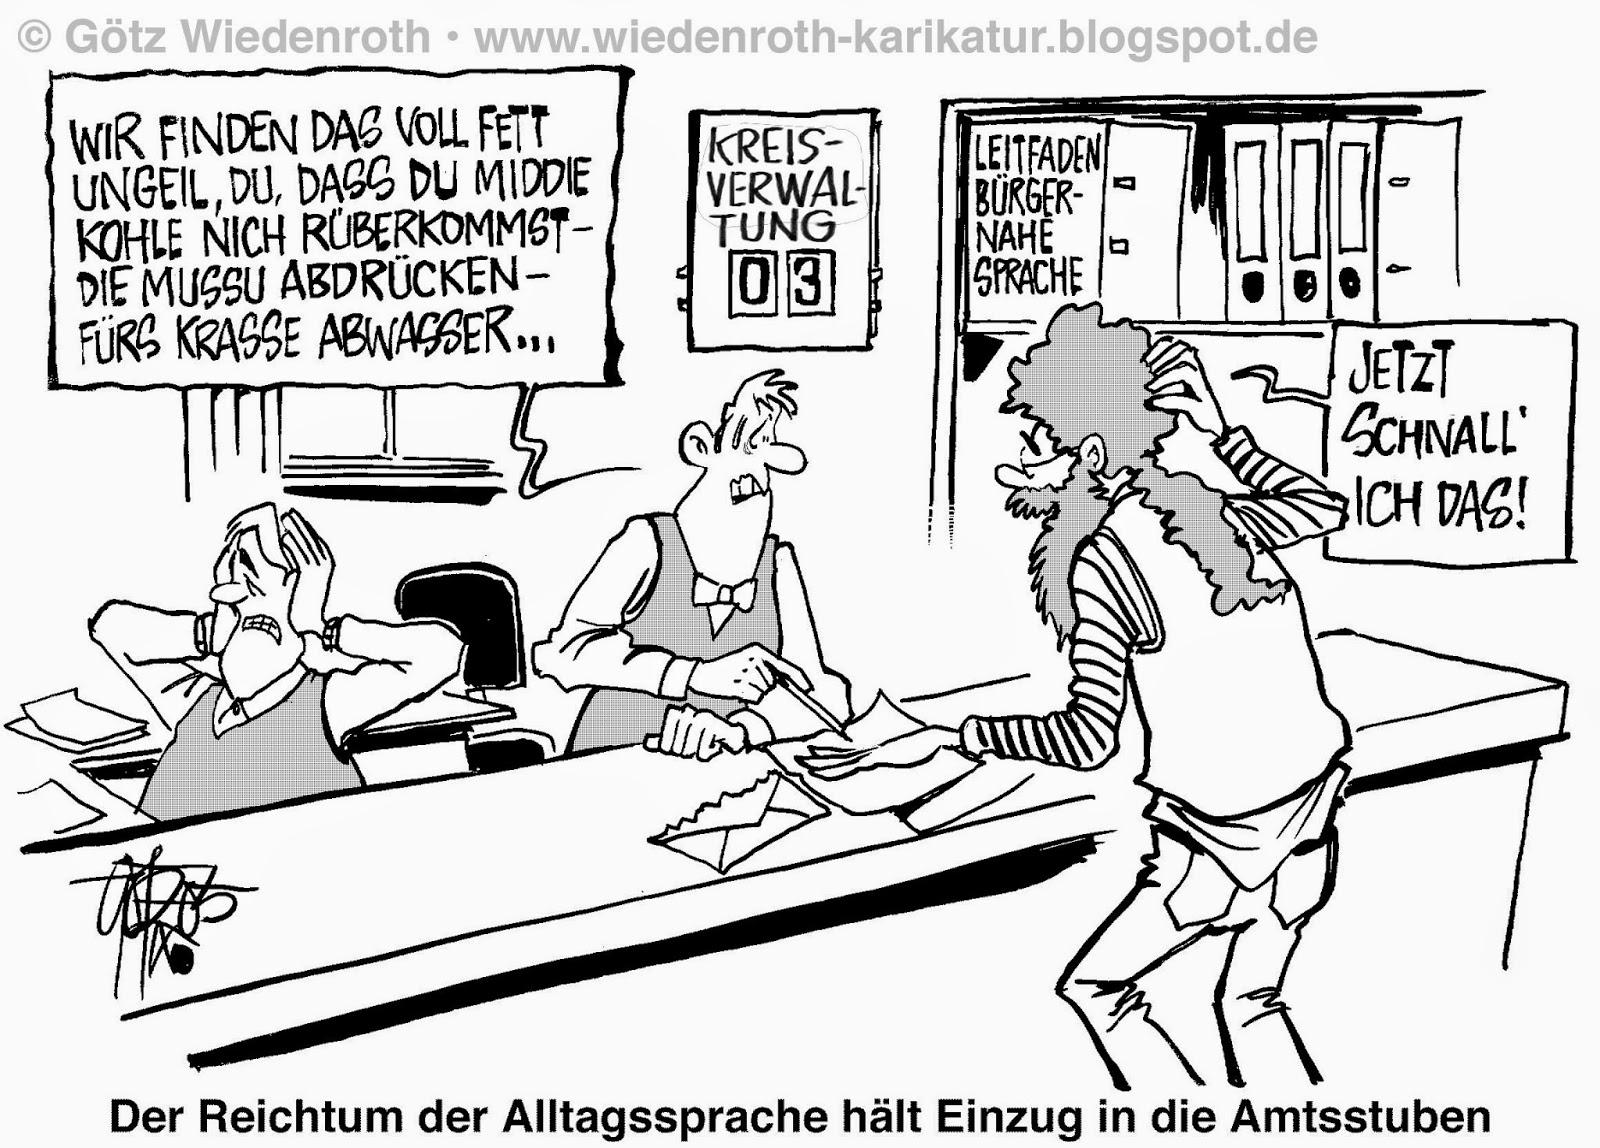 Declined Auf Deutsch